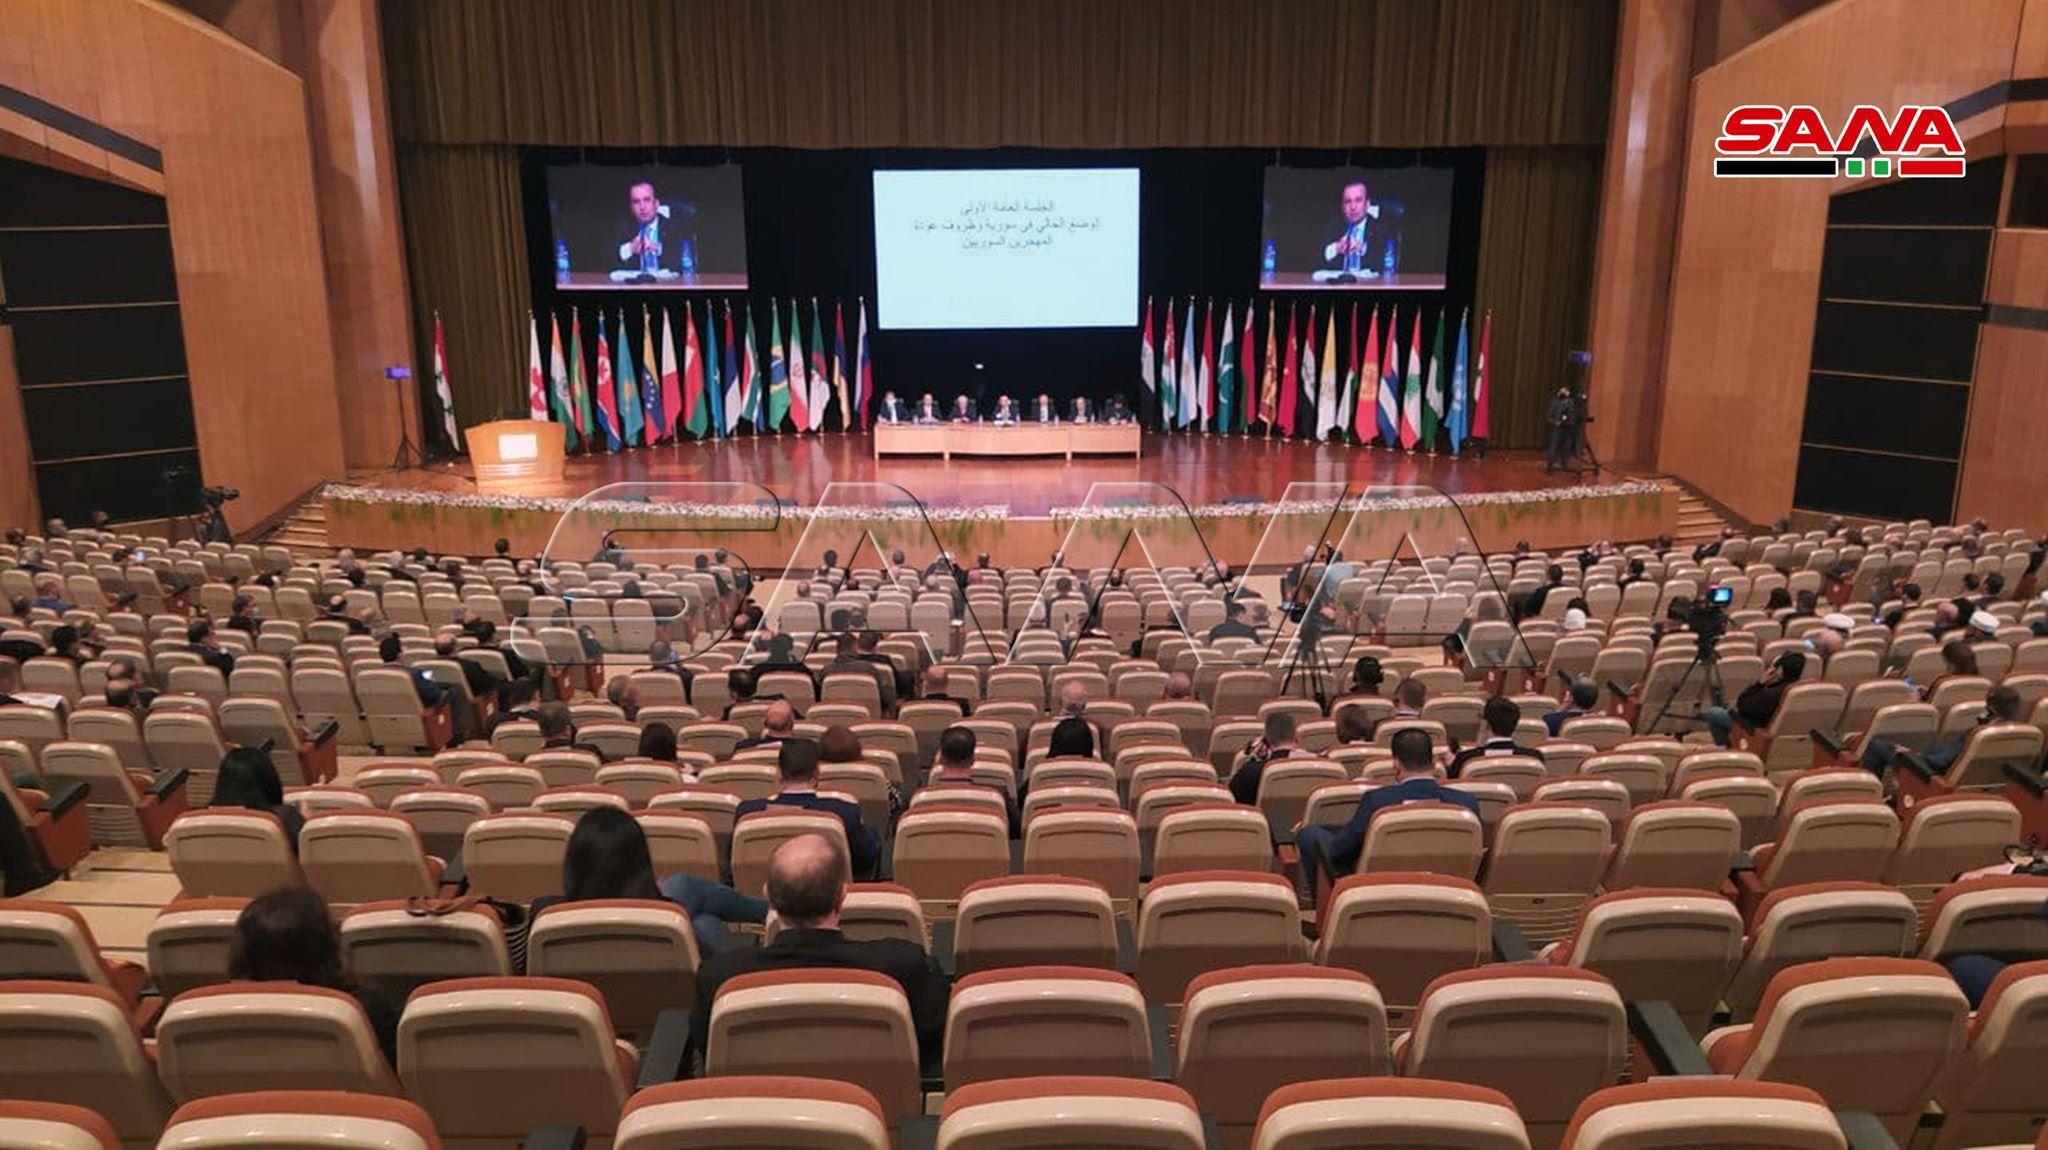 على هامش مؤتمر اللاجئين الأسدي الثاني